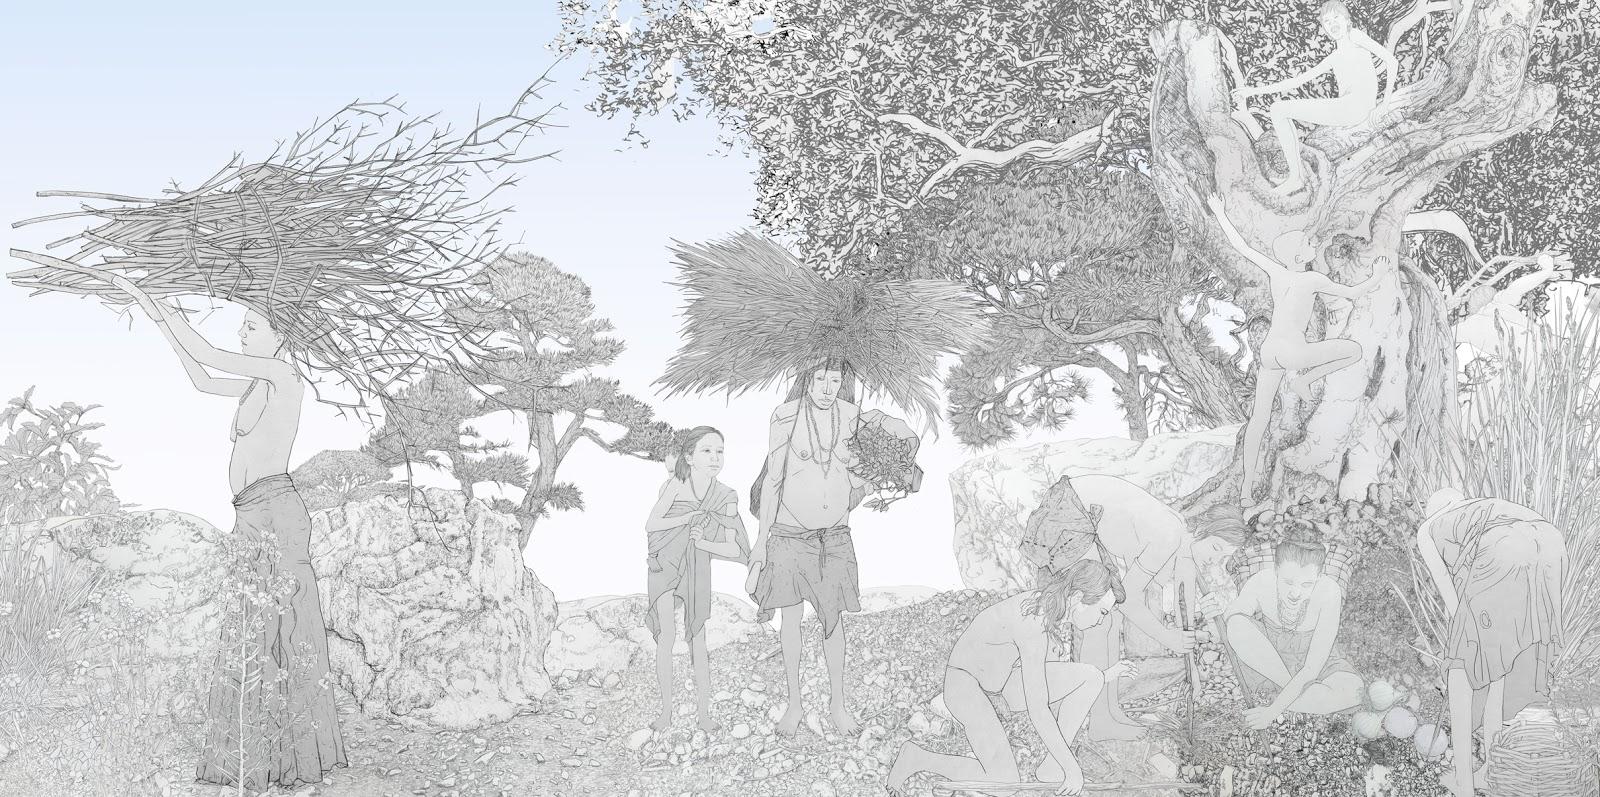 mujeres en la prehistoria, recolectoras, dibujo